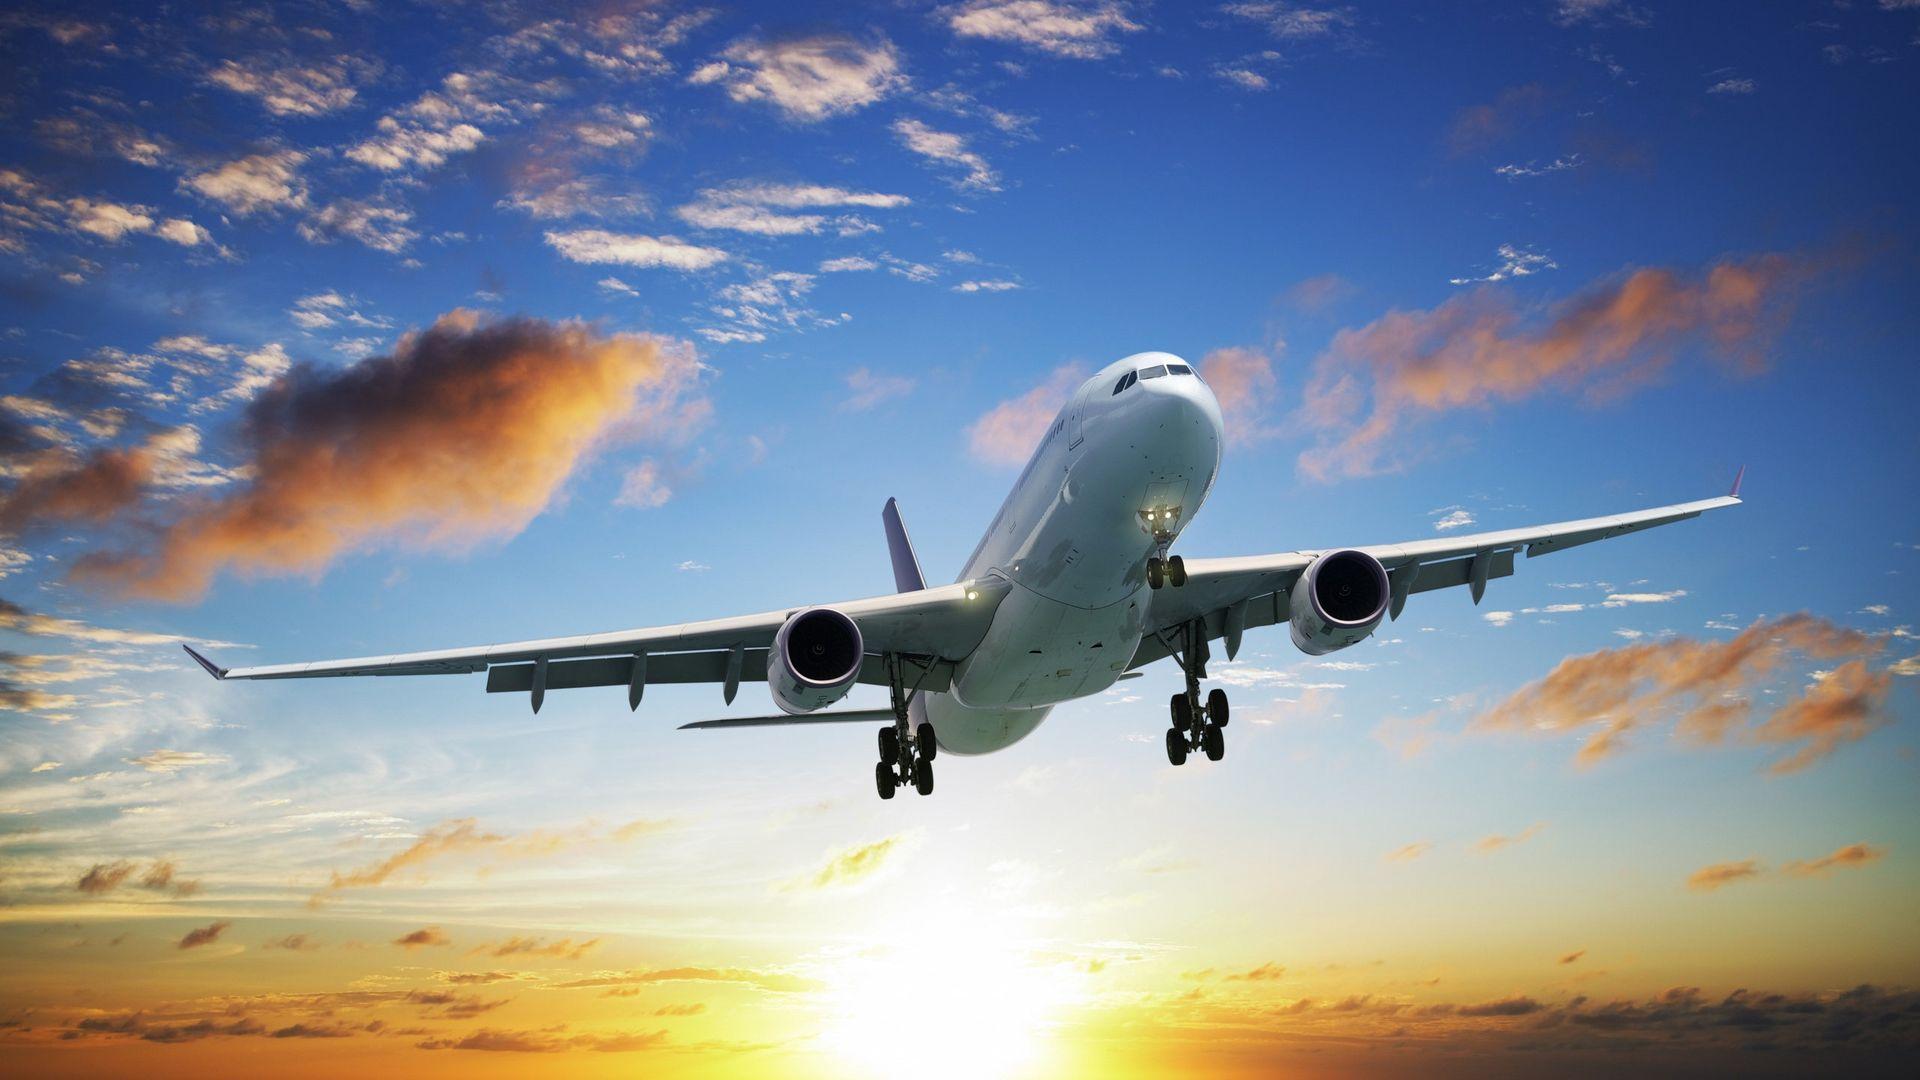 Запорожская авиакомпания удерживает позиции самой пунктуальной среди всеукраинских